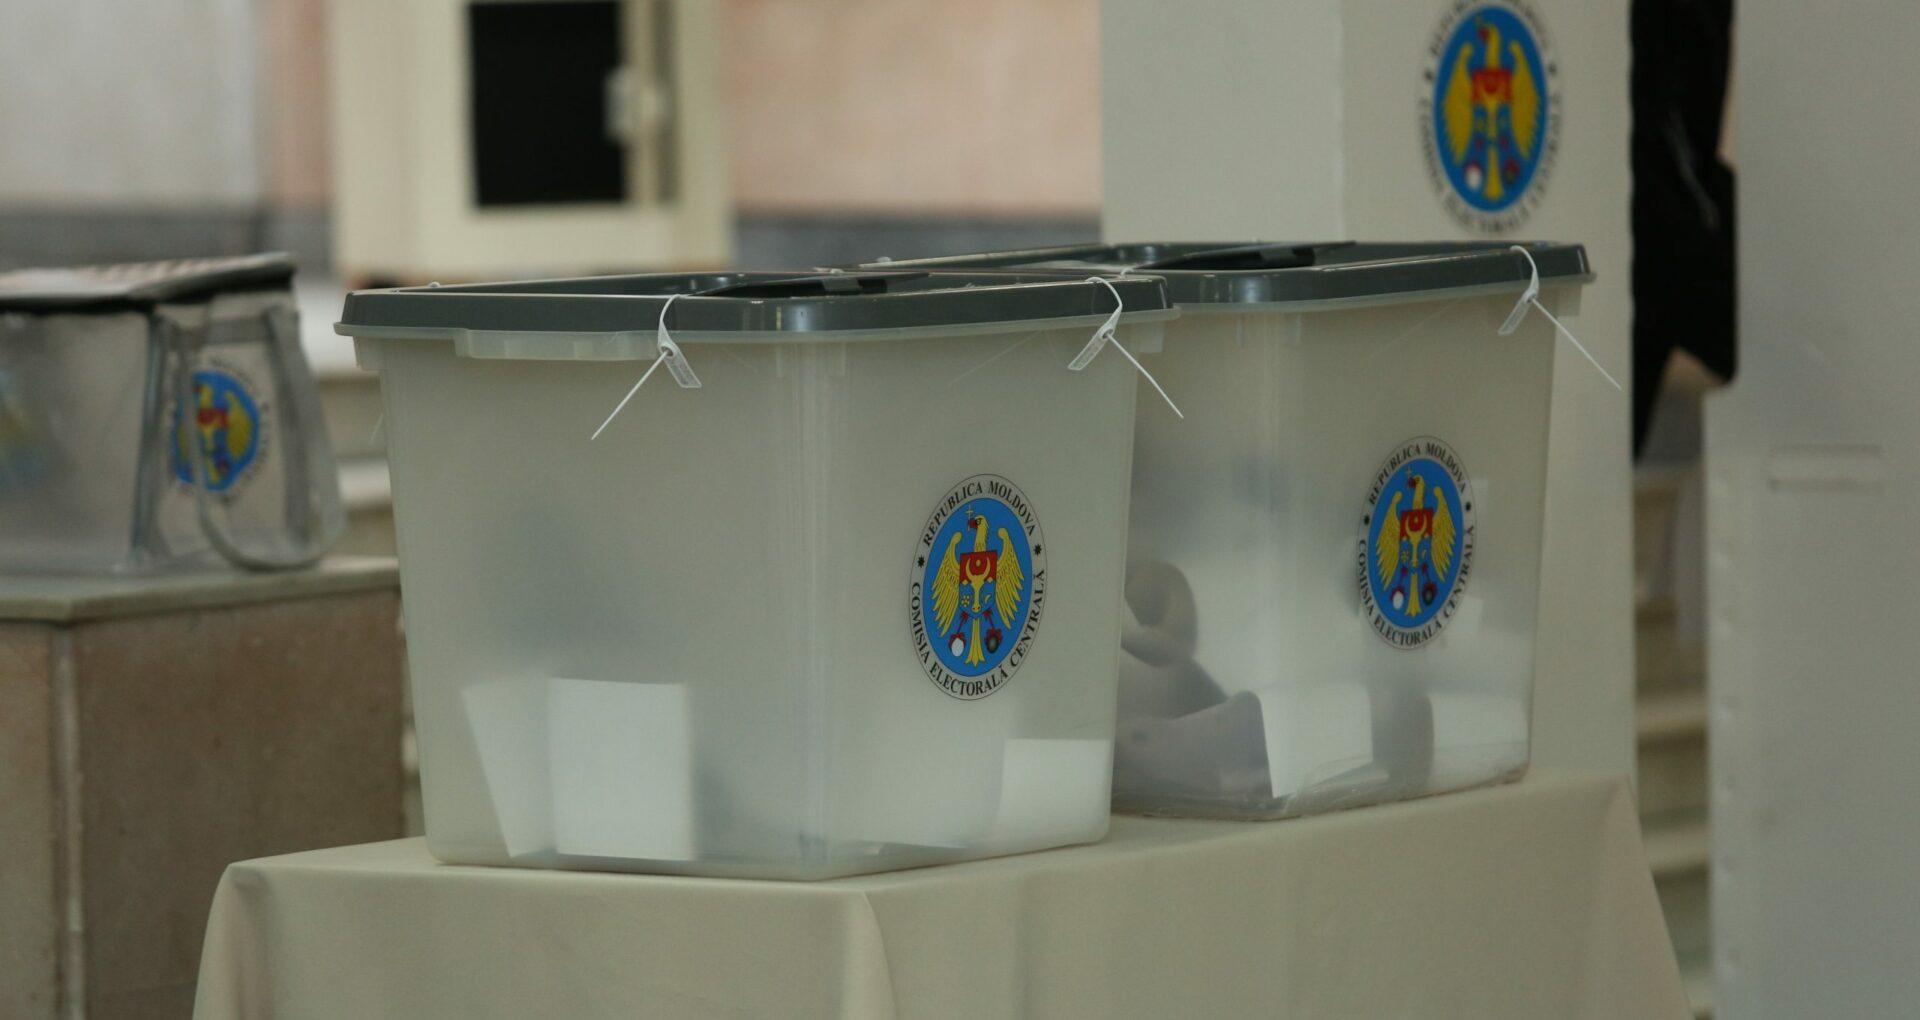 Sondaj/ Cinci partide ar ajunge în Legislativ în urma unor eventuale alegeri parlamentare. Candidații care s-ar duela în turul II la prezidențiale